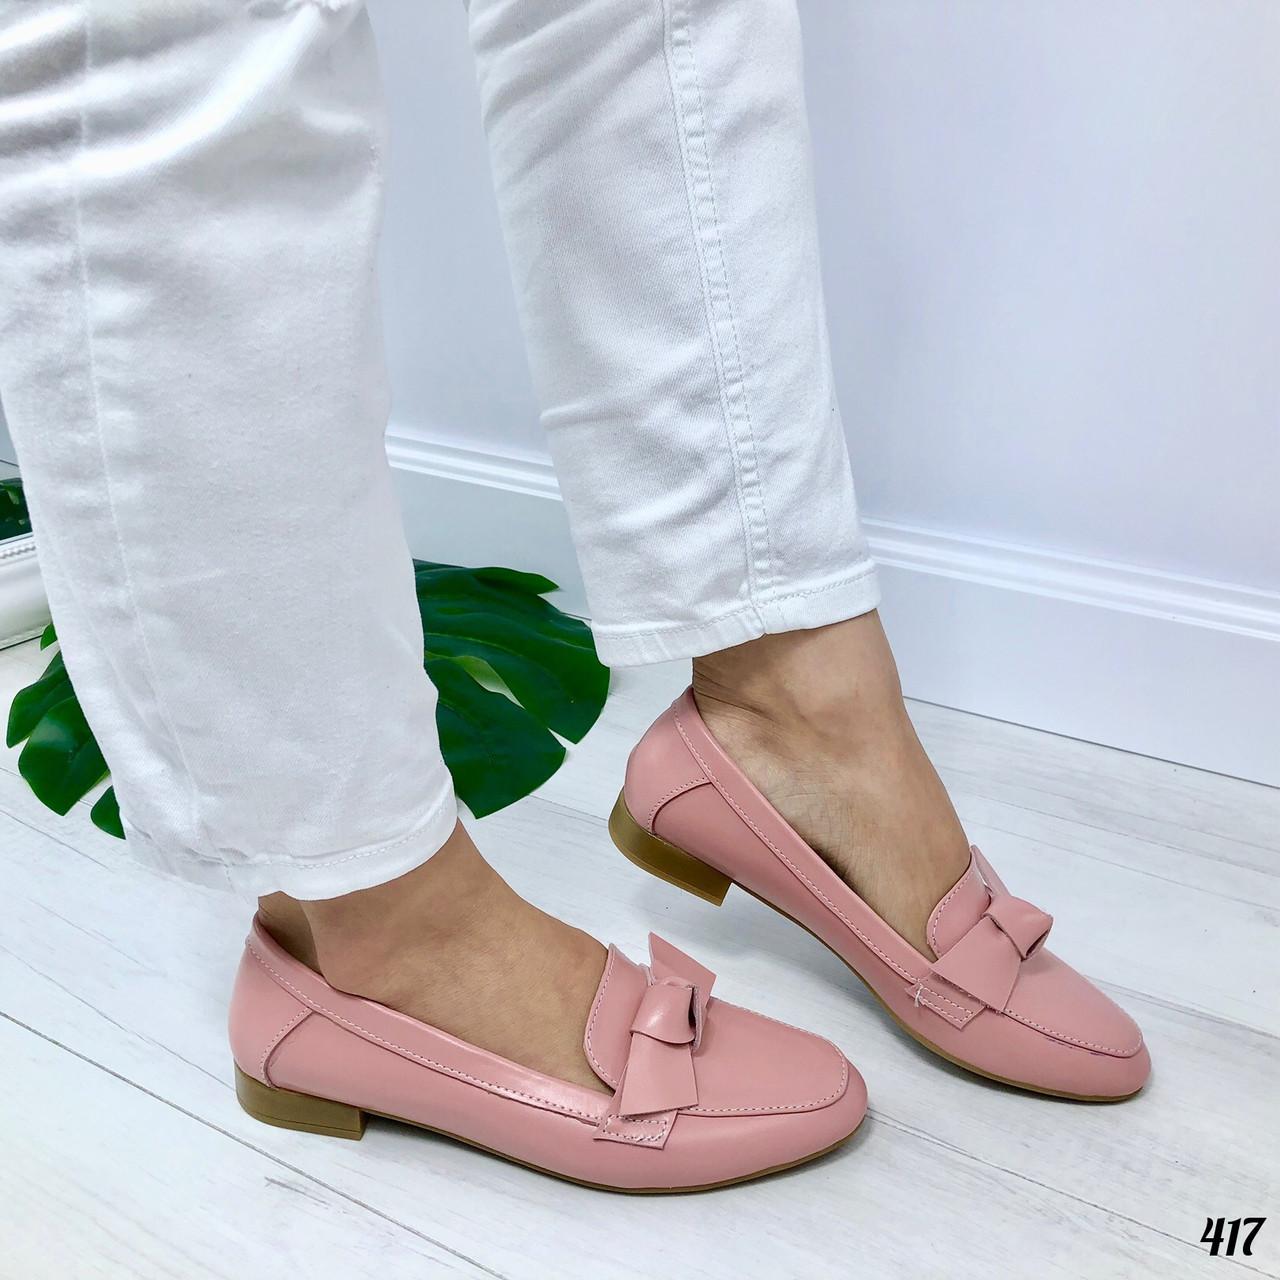 Женские лоферы - туфли на низком ходу розовые - пудра натуральная кожа